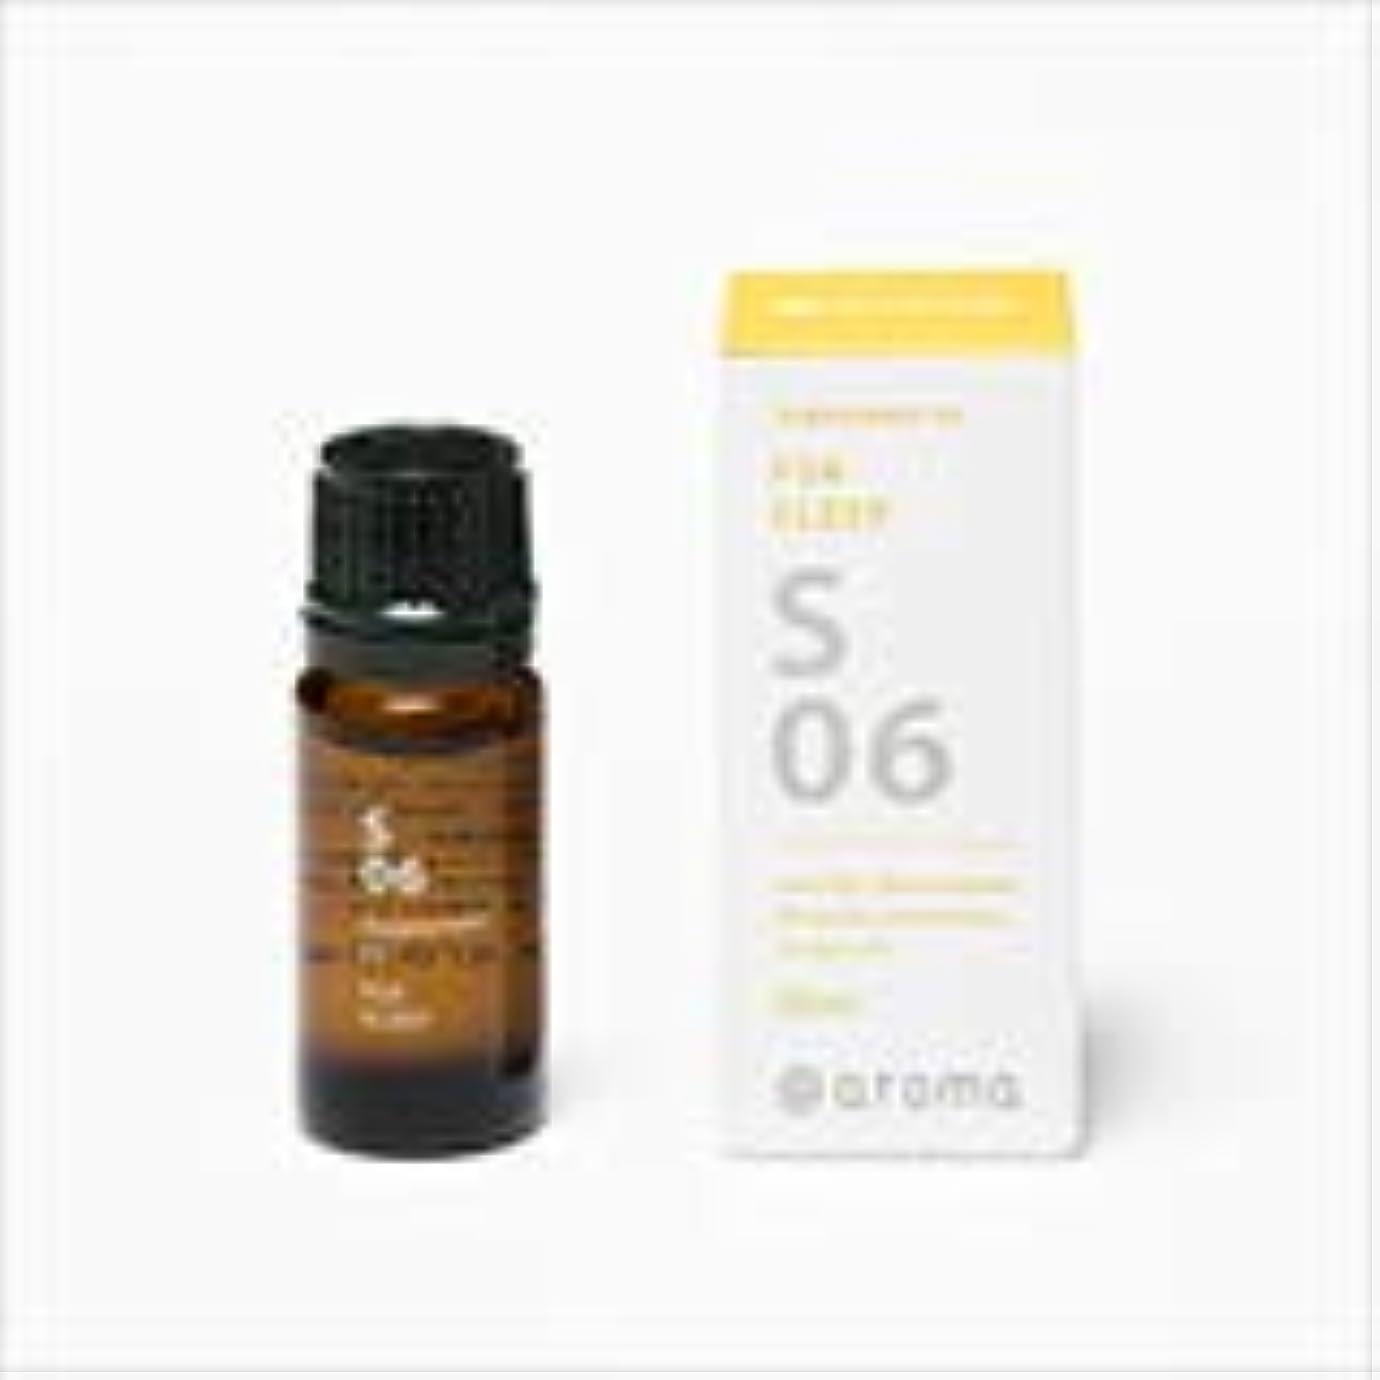 ルネッサンスパステル痛いアットアロマ 100%pure essential oil <Supplement air リフレッシュ>